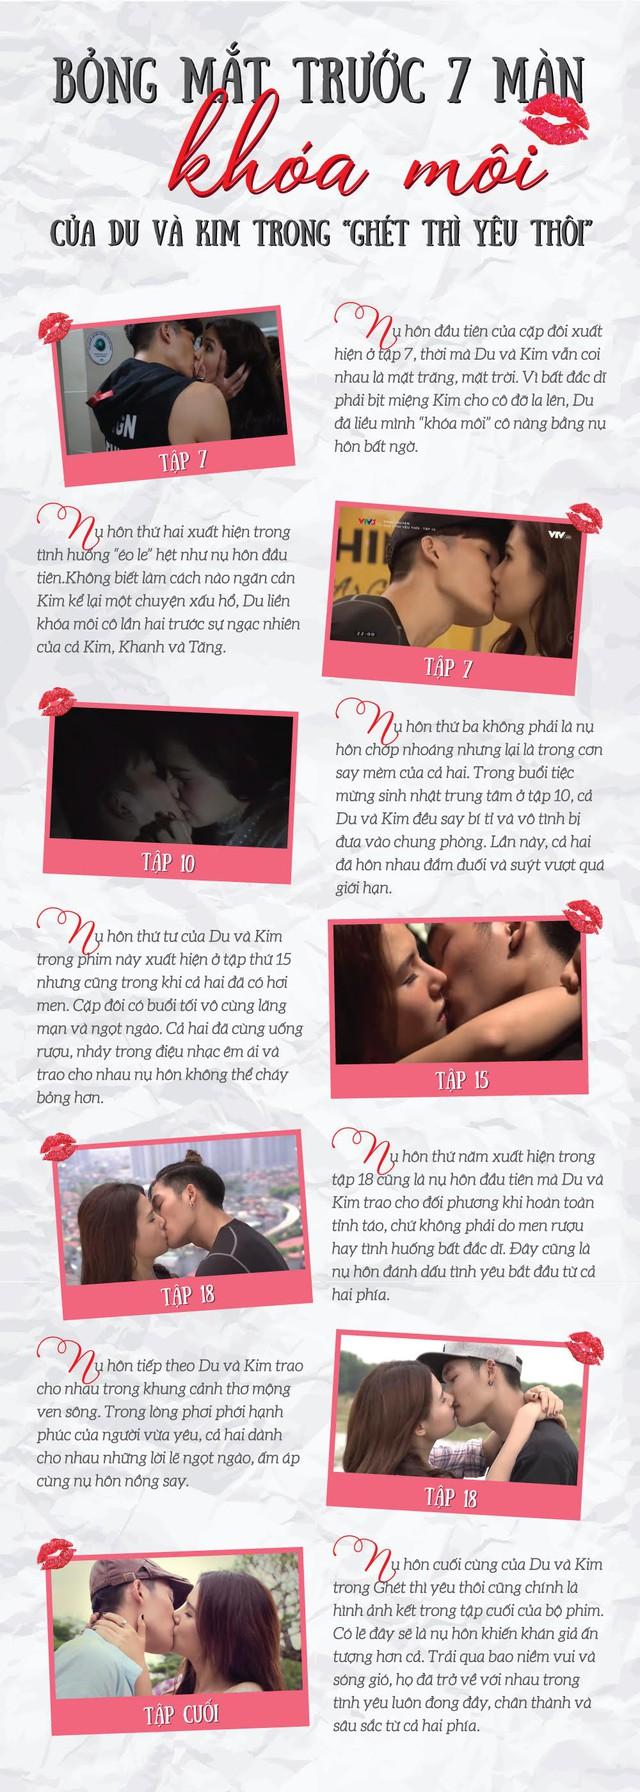 Bỏng mắt trước 7 màn khóa môi của Du và Kim trong Ghét thì yêu thôi - Ảnh 1.